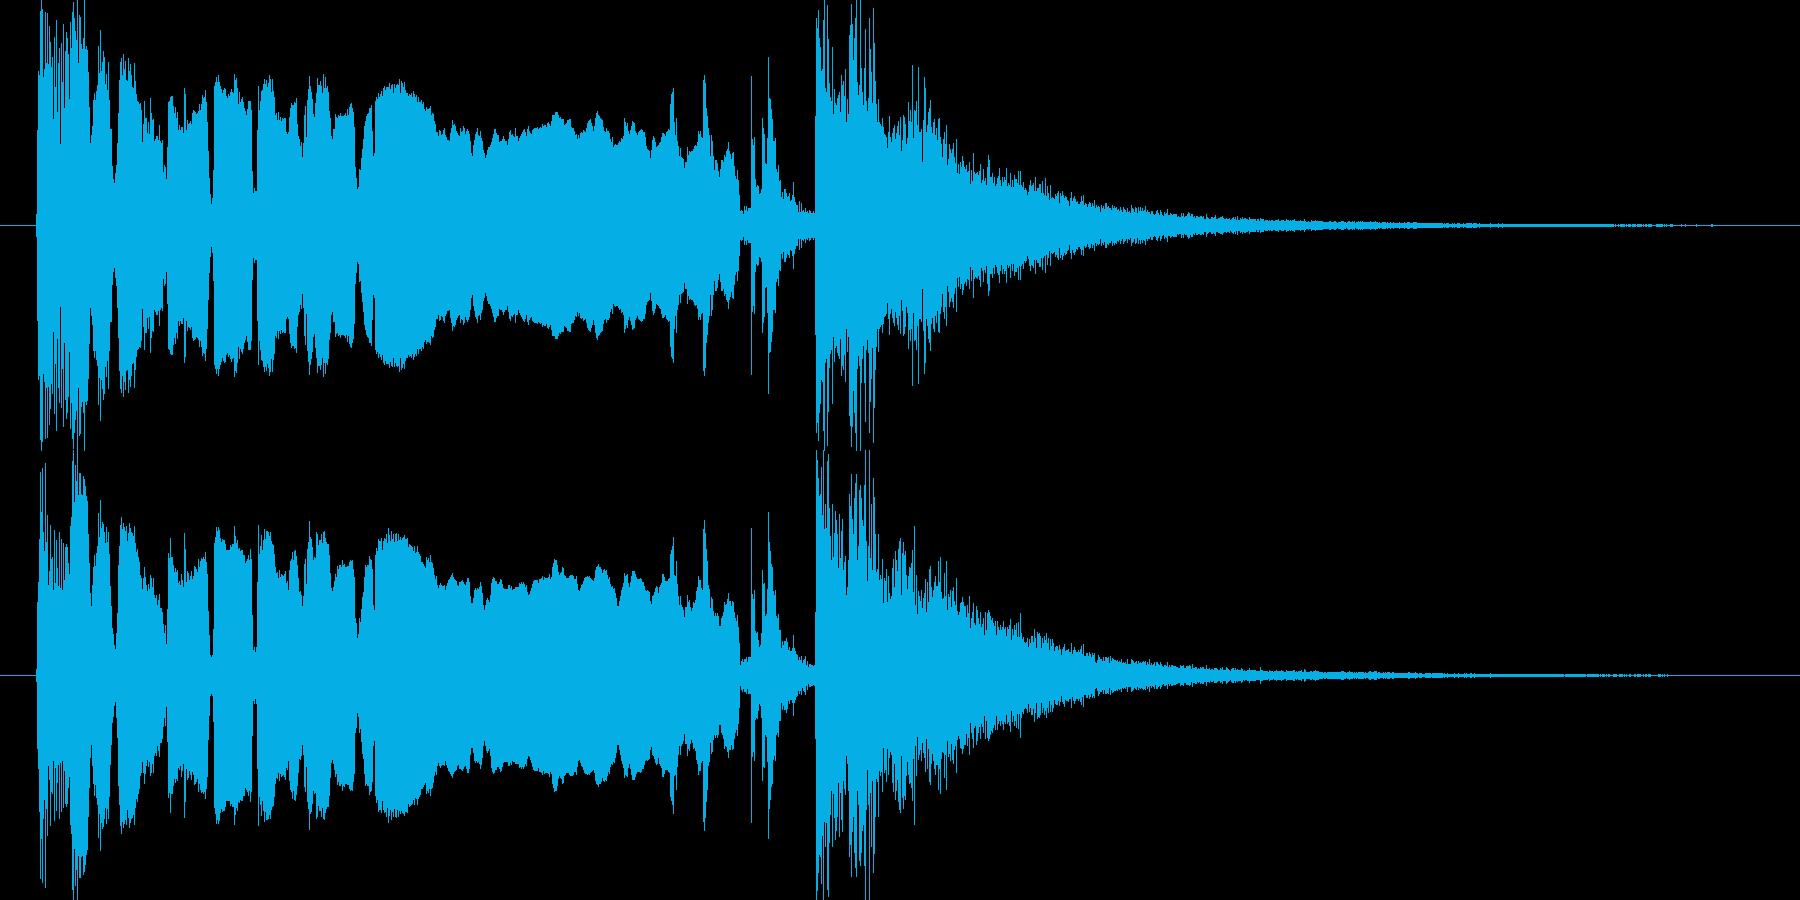 情熱 ジャズ サックス ジングルの再生済みの波形